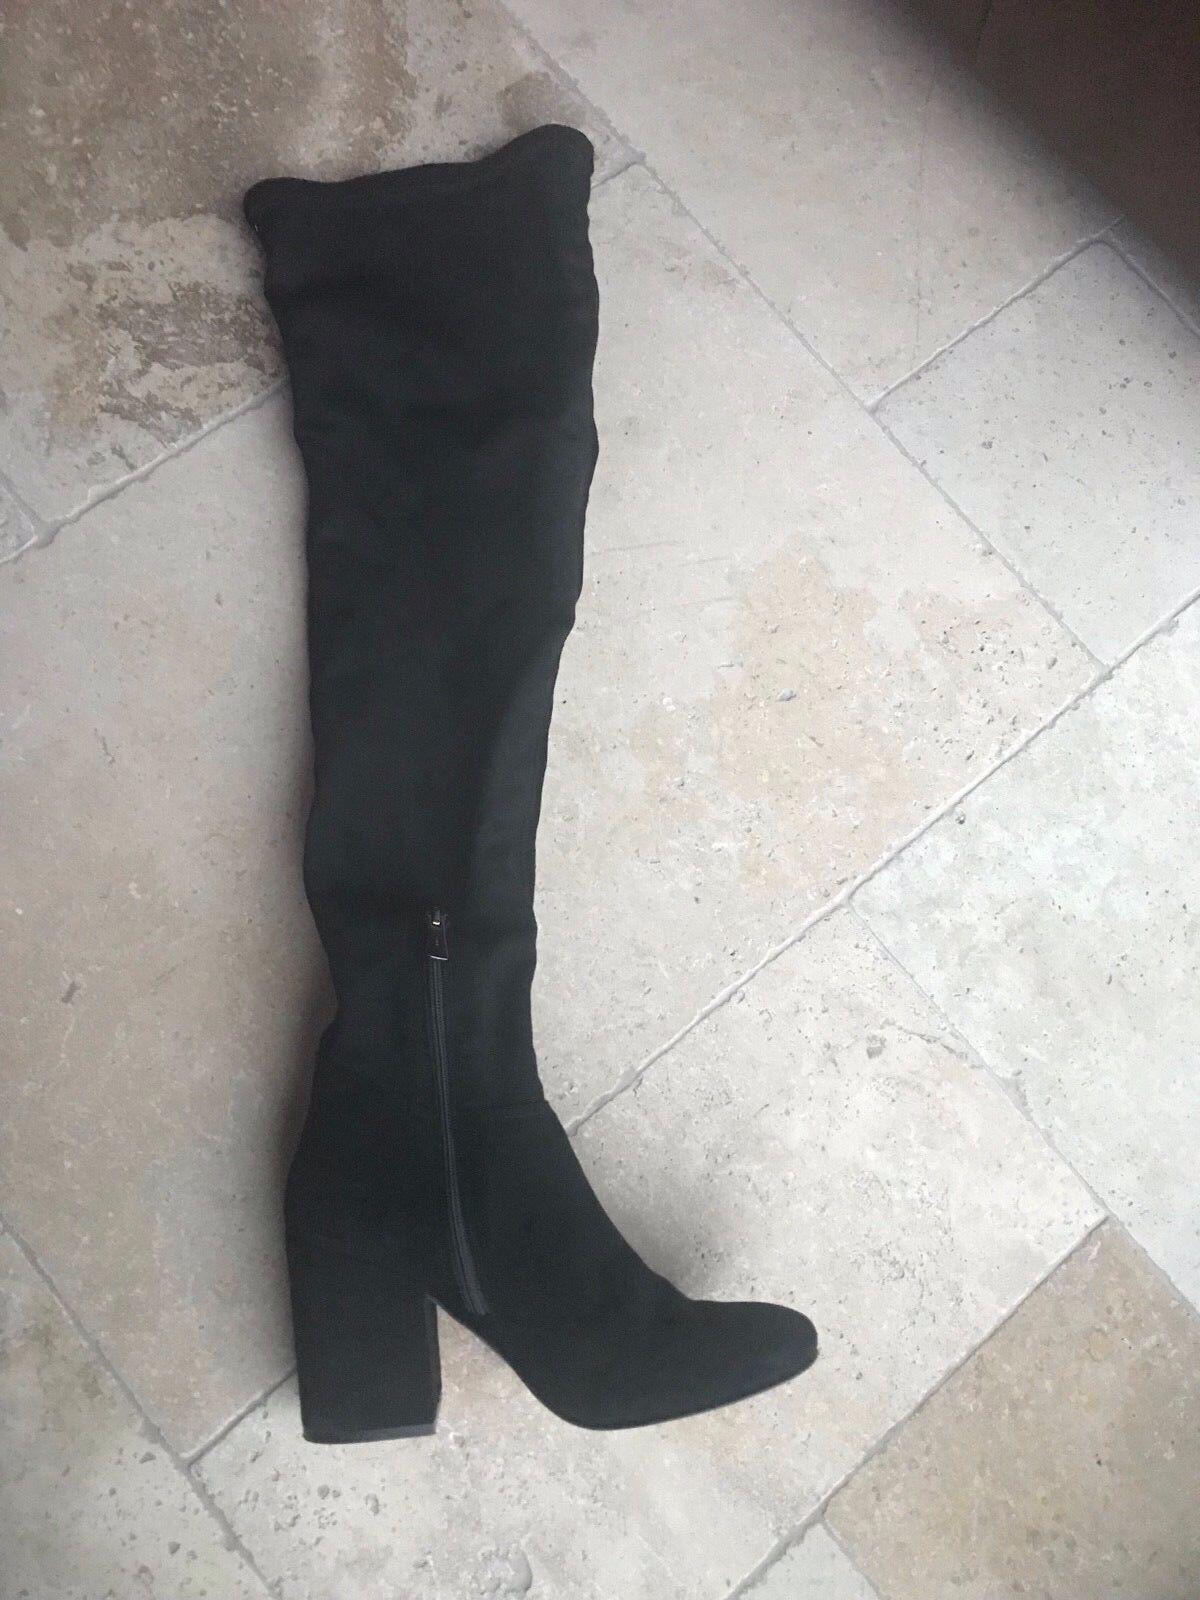 Overknee Stiefel - boots Gr.37